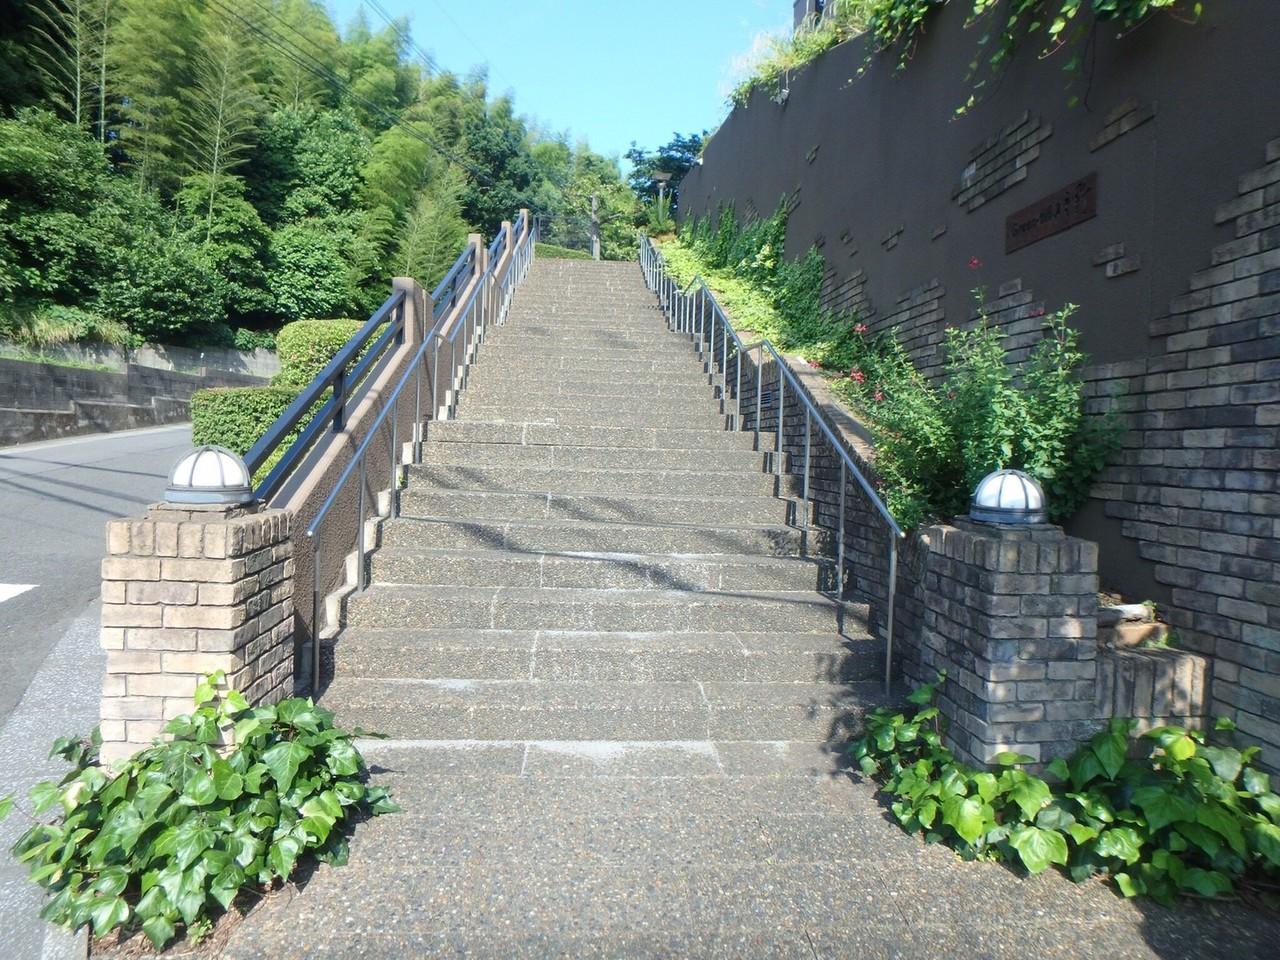 マンションの高低差を生かし、こんなおしゃれな階段もあります。 階段を下ると、サンリブ明野まですぐいけますよ!